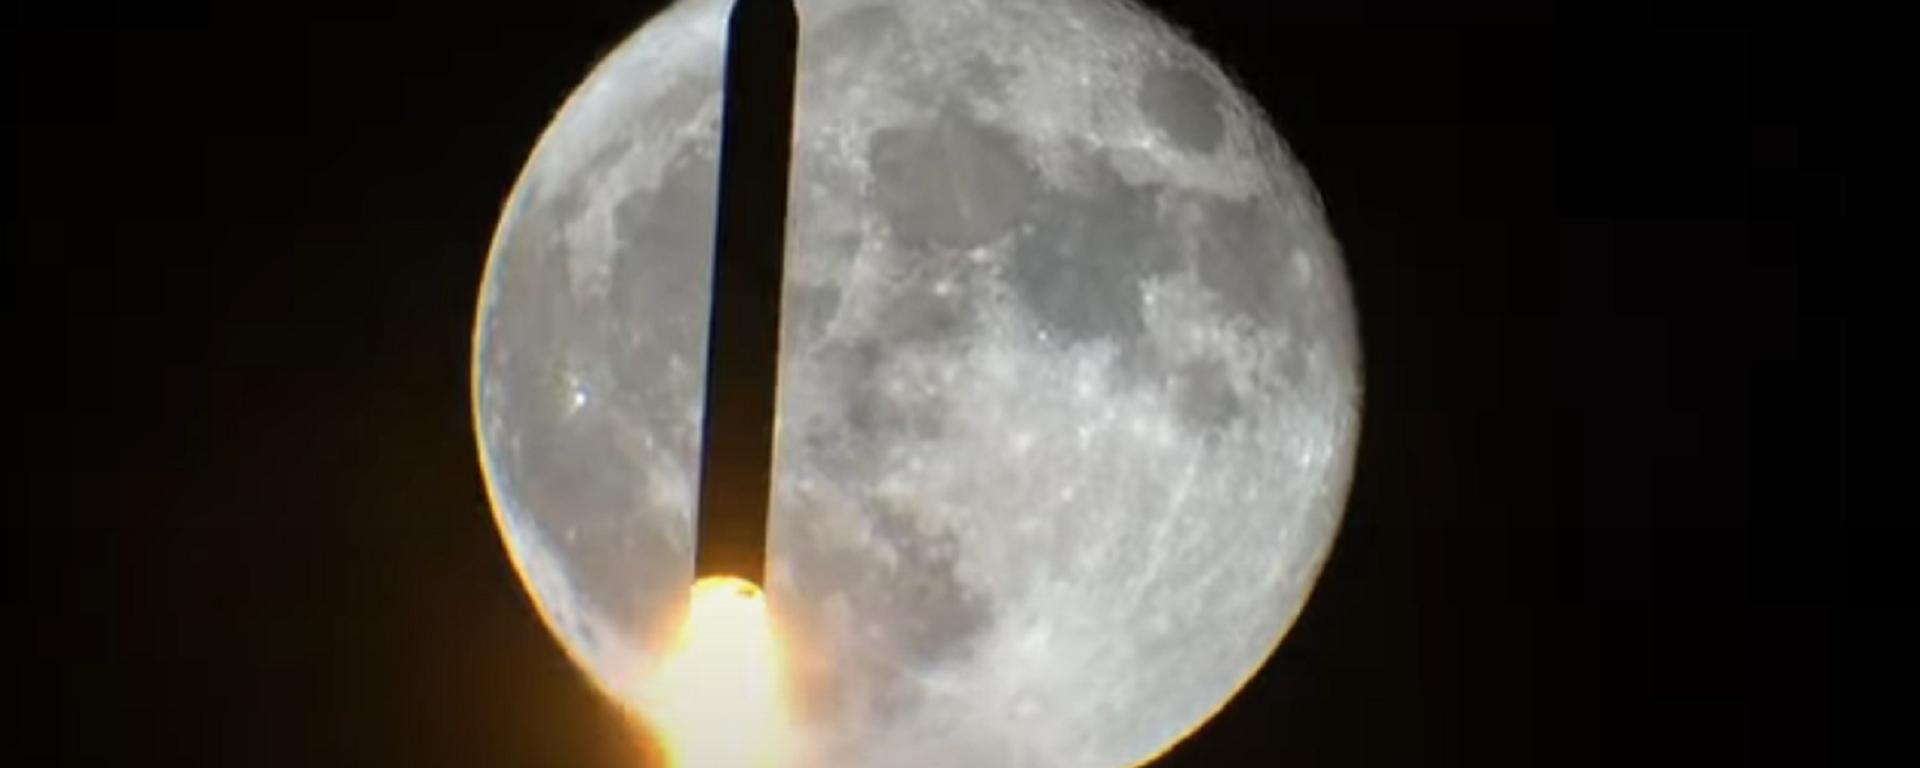 Un cohete pasa por delante de la luna - Sputnik Mundo, 1920, 19.02.2021